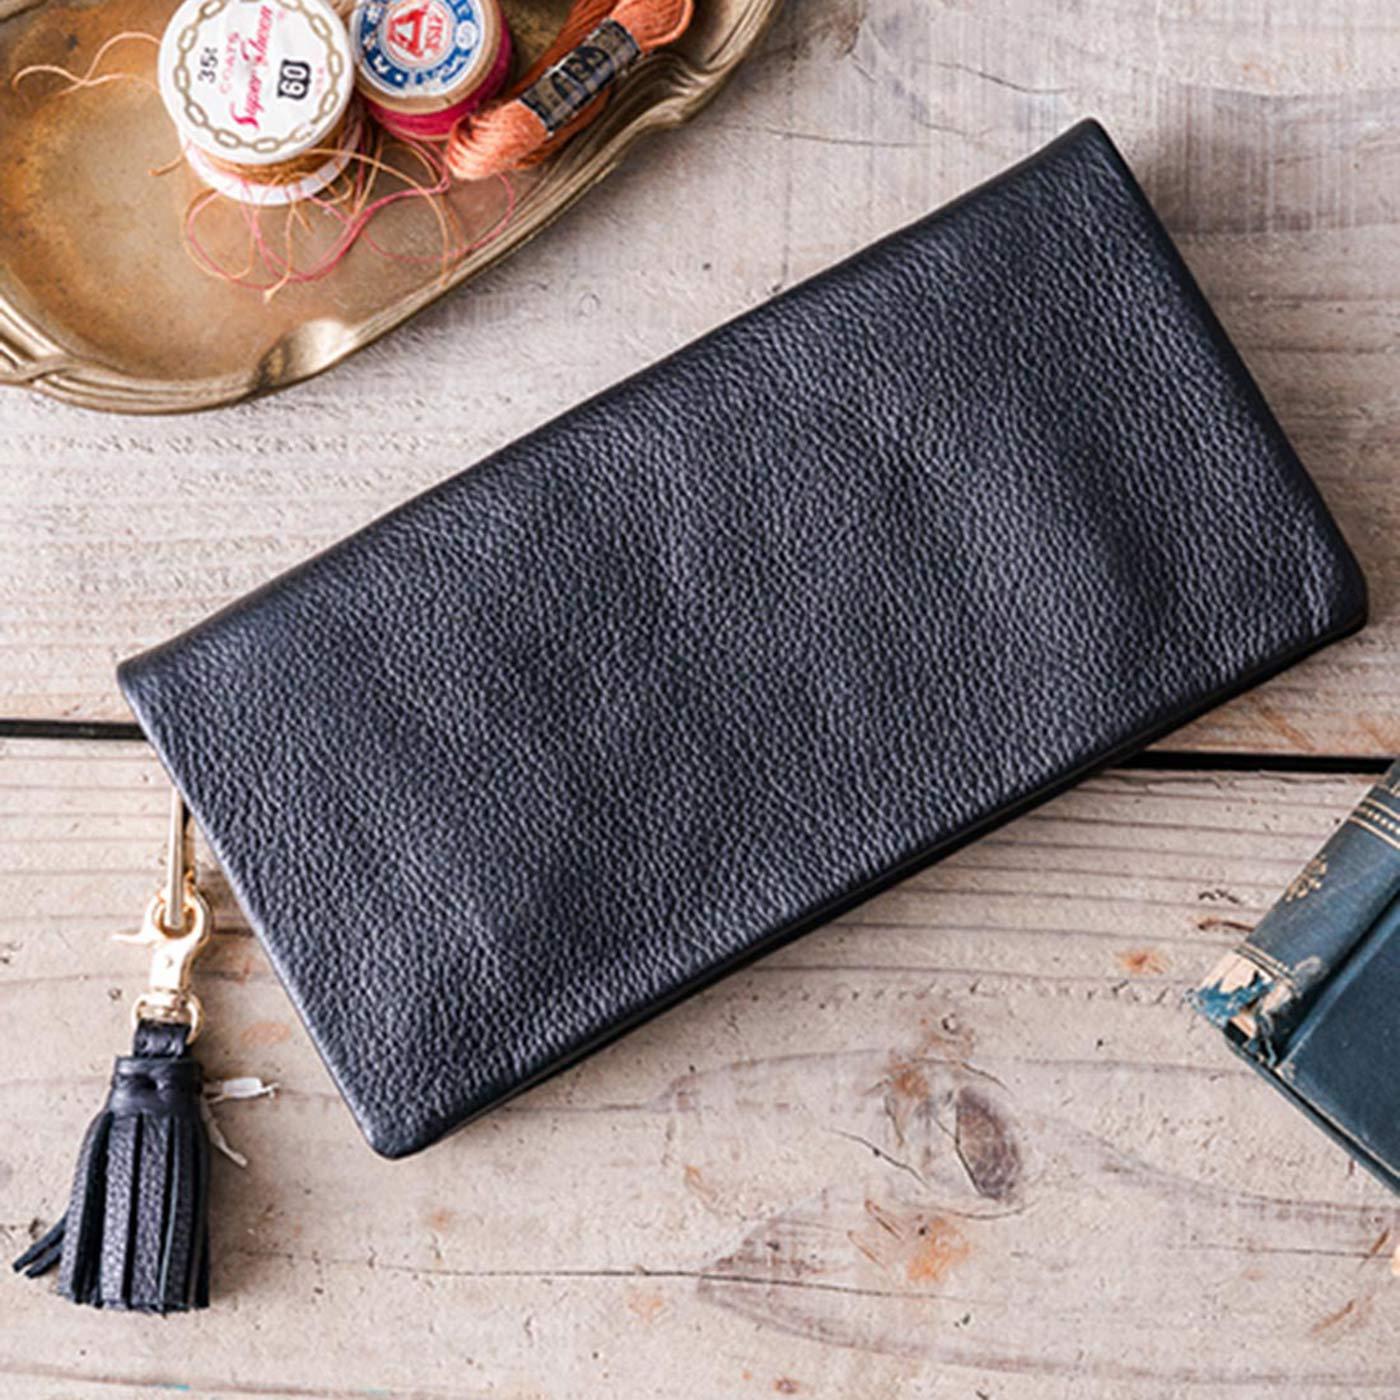 IEDIT[イディット] SELECT やわらかマットレザーで手になじむ 長く使いこみたい本革長財布〈ブラック〉